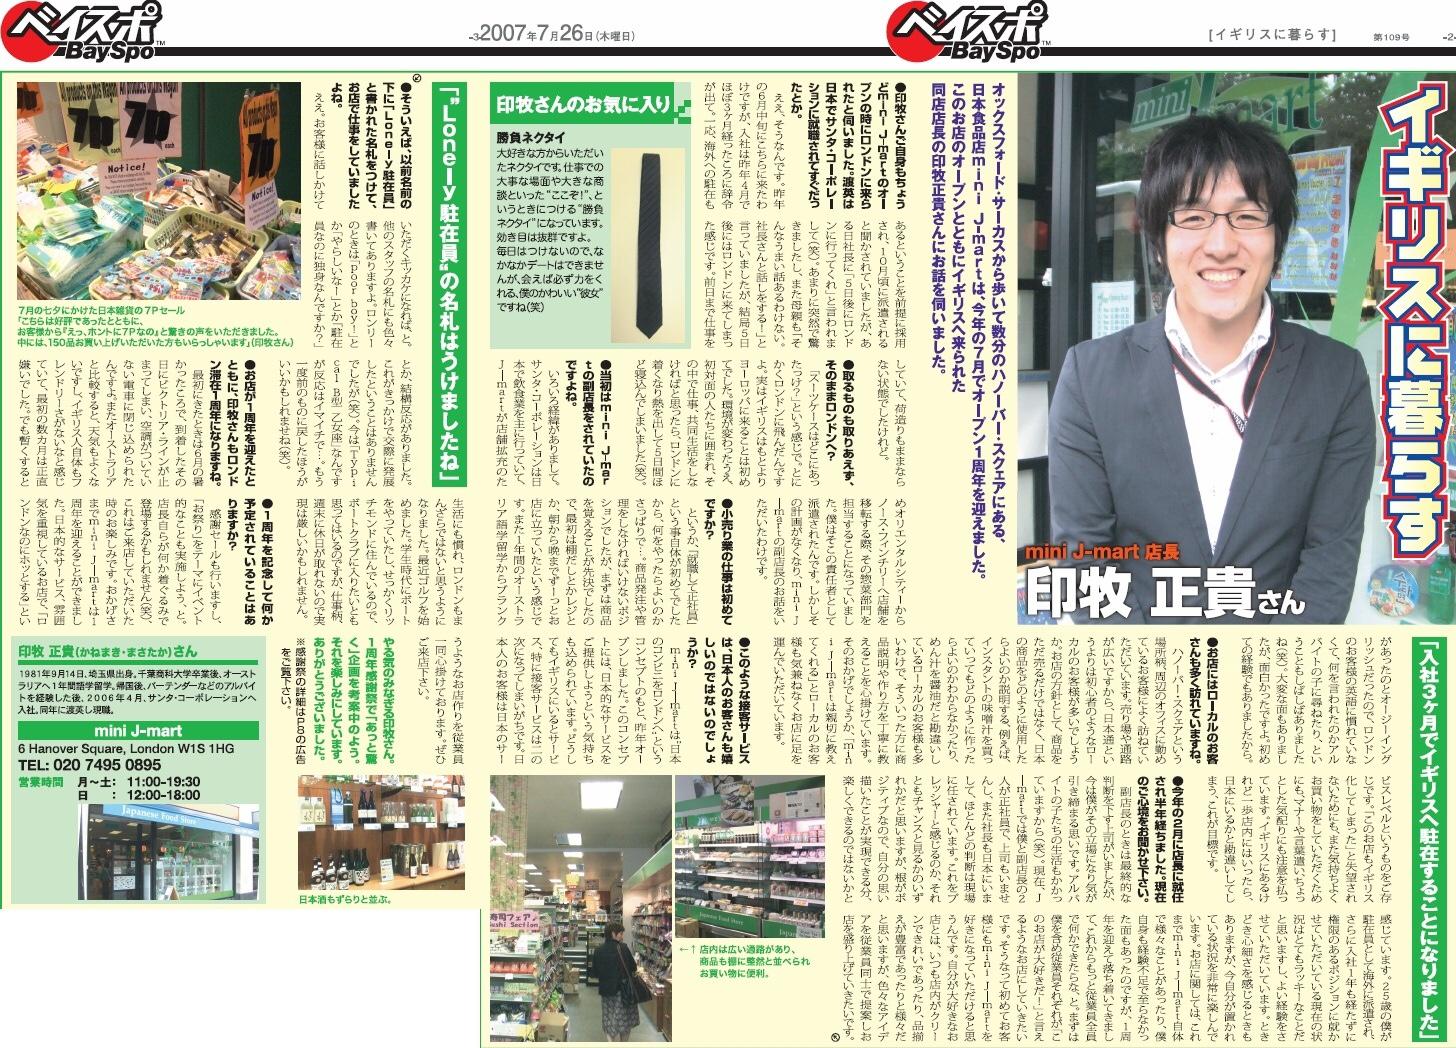 「イギリスで暮らす日本人」として取材を受けた印牧さん(2007年)